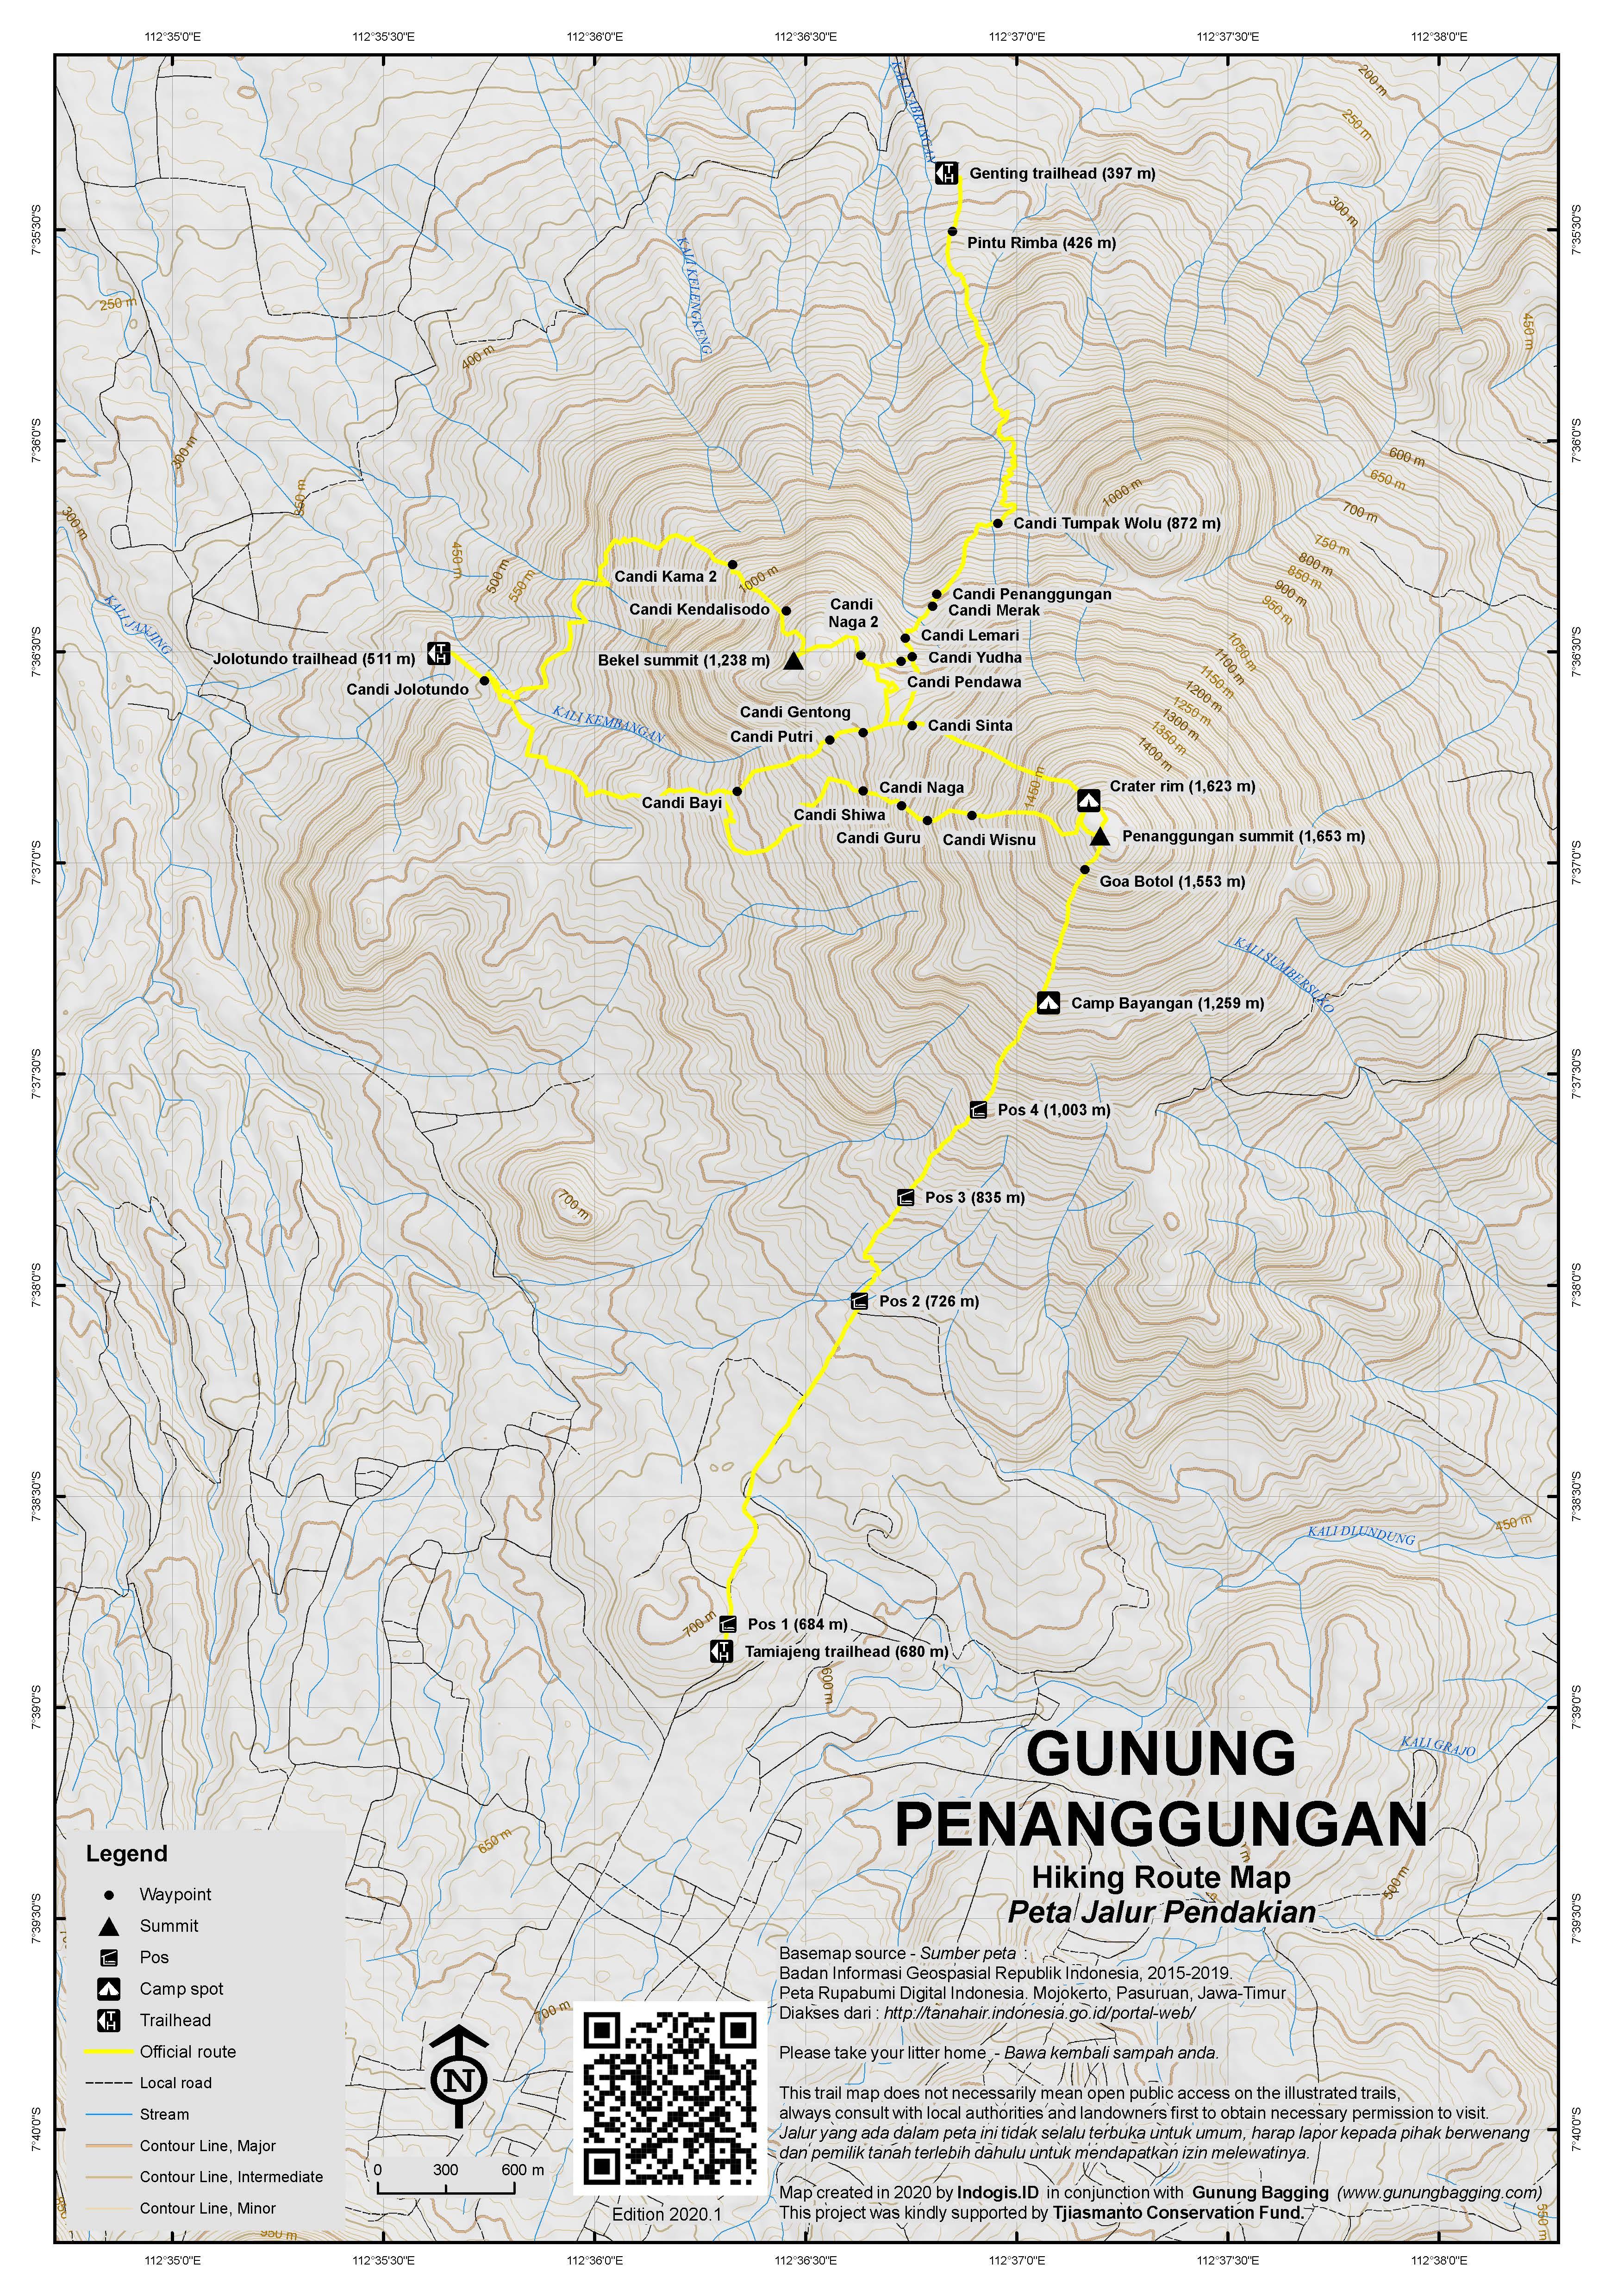 Peta Jalur Pendakian Gunung Penanggungan